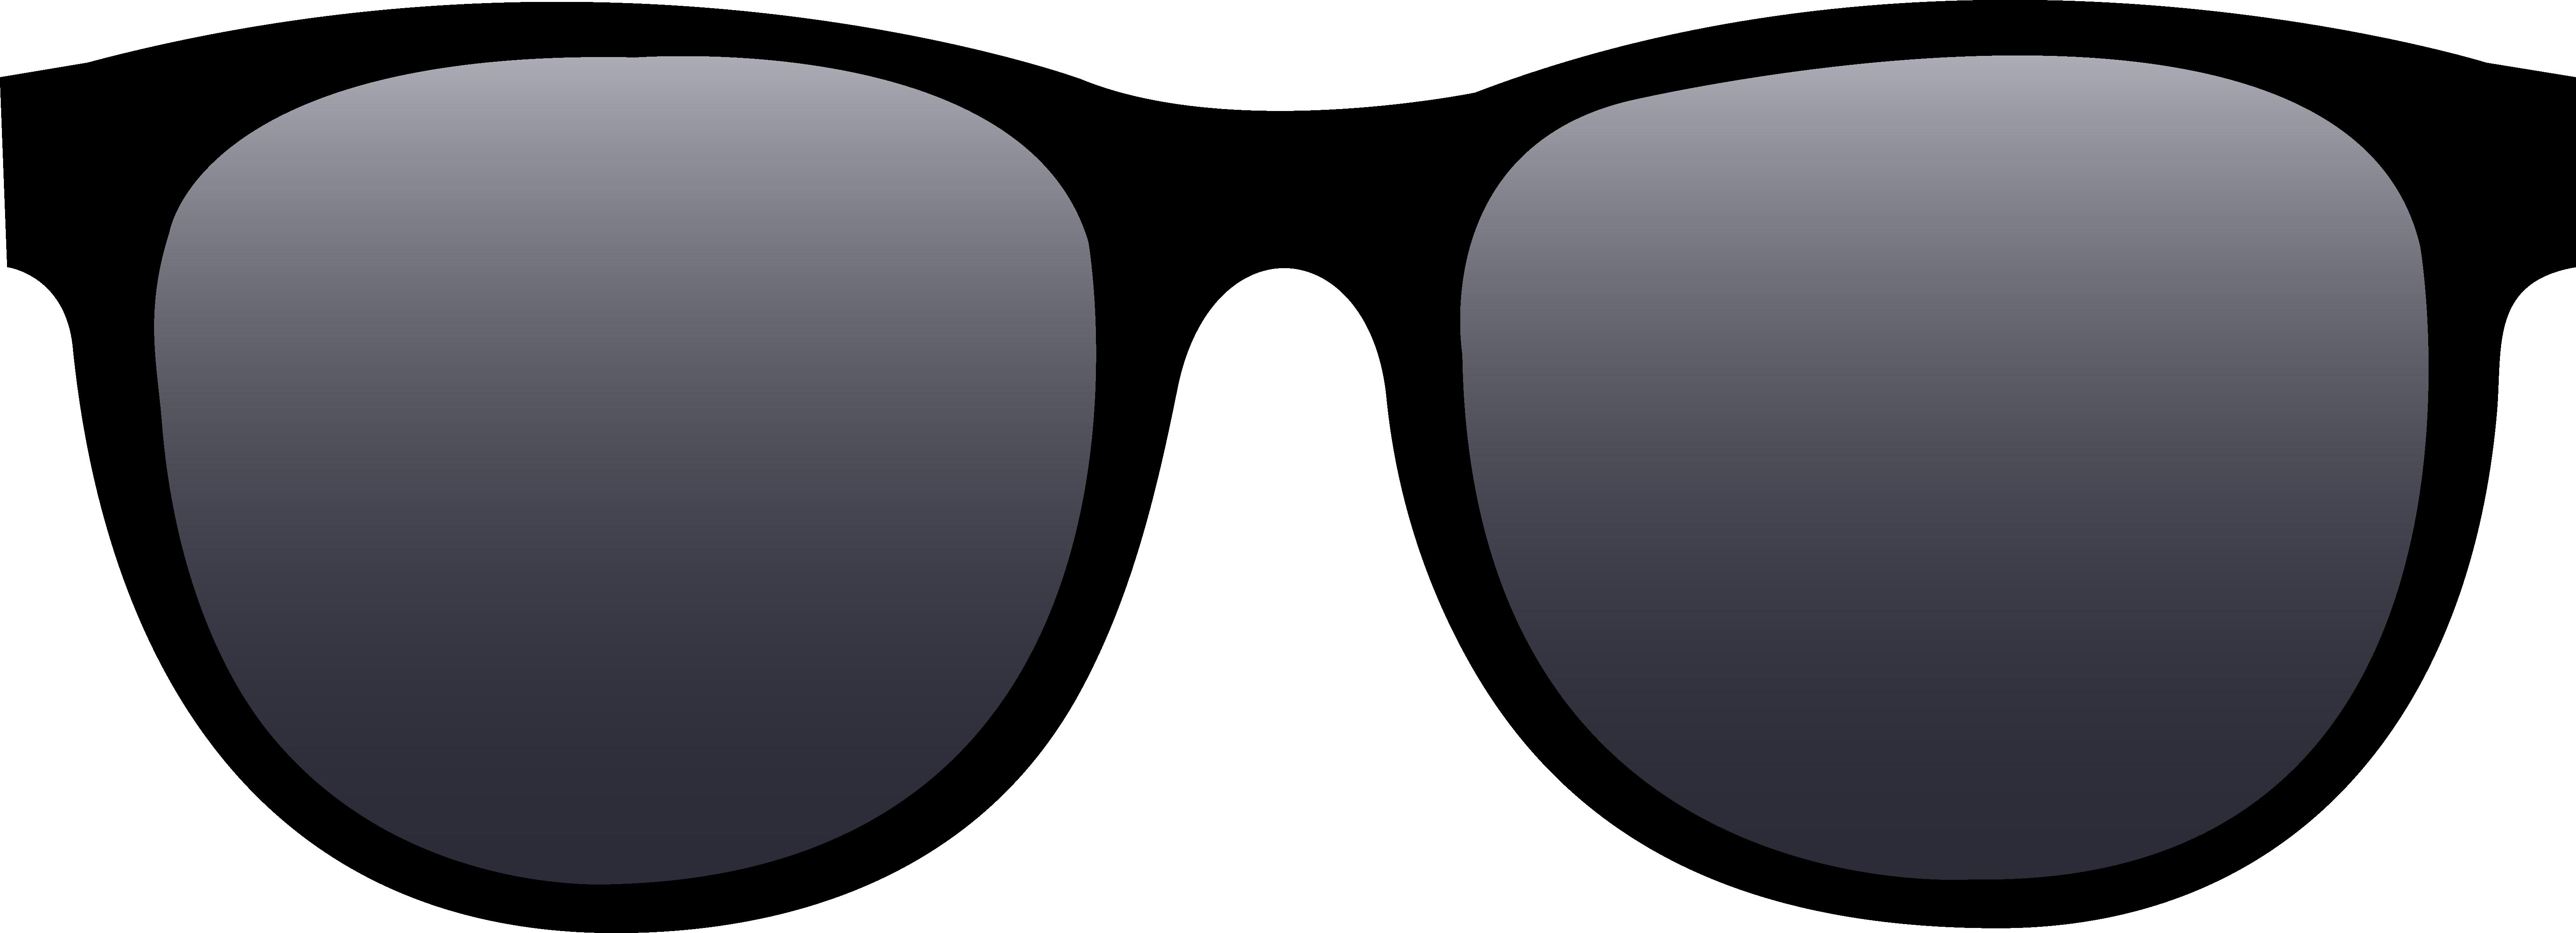 Sunglasses clipart Clip Sunglasses Clipartix clipartwiz free